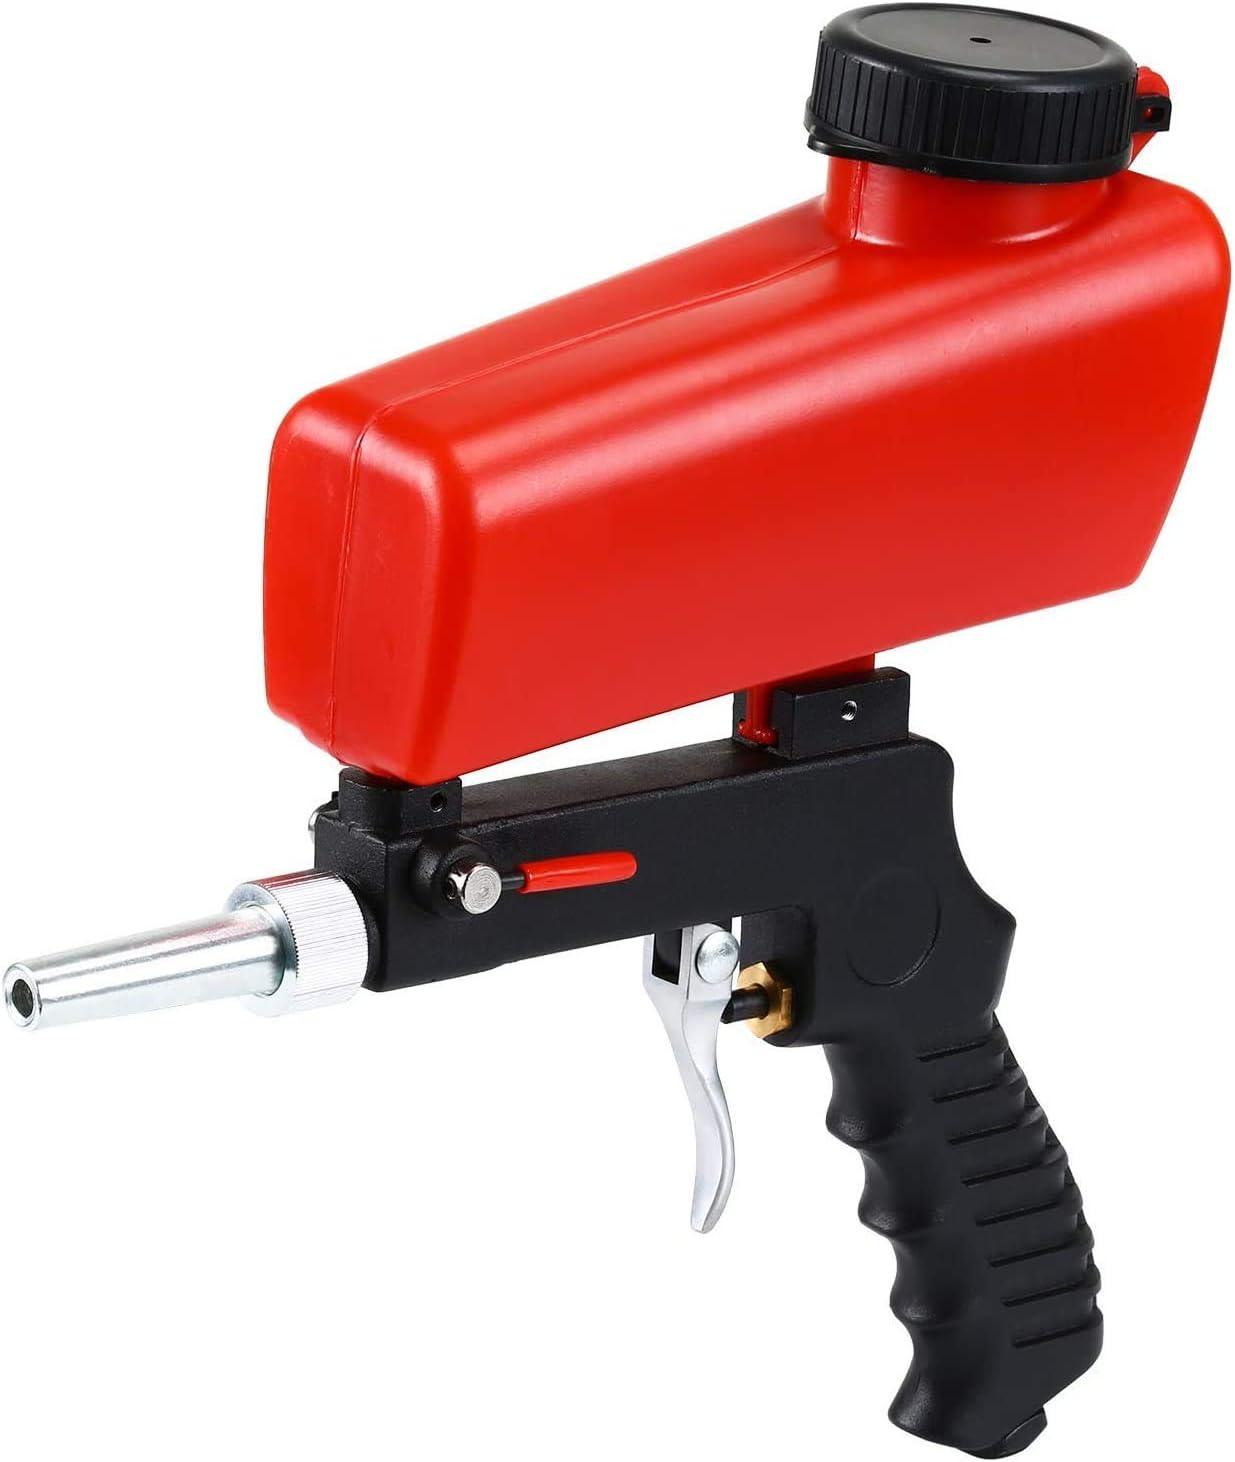 ENJOHOS Sandblasting máquina de chorro de arena portátil/pistola de chorro de arena para arena de acero/cuentas de vidrio/mantenimiento automotriz para óxido/pintura/aceite (Enchufe americano)